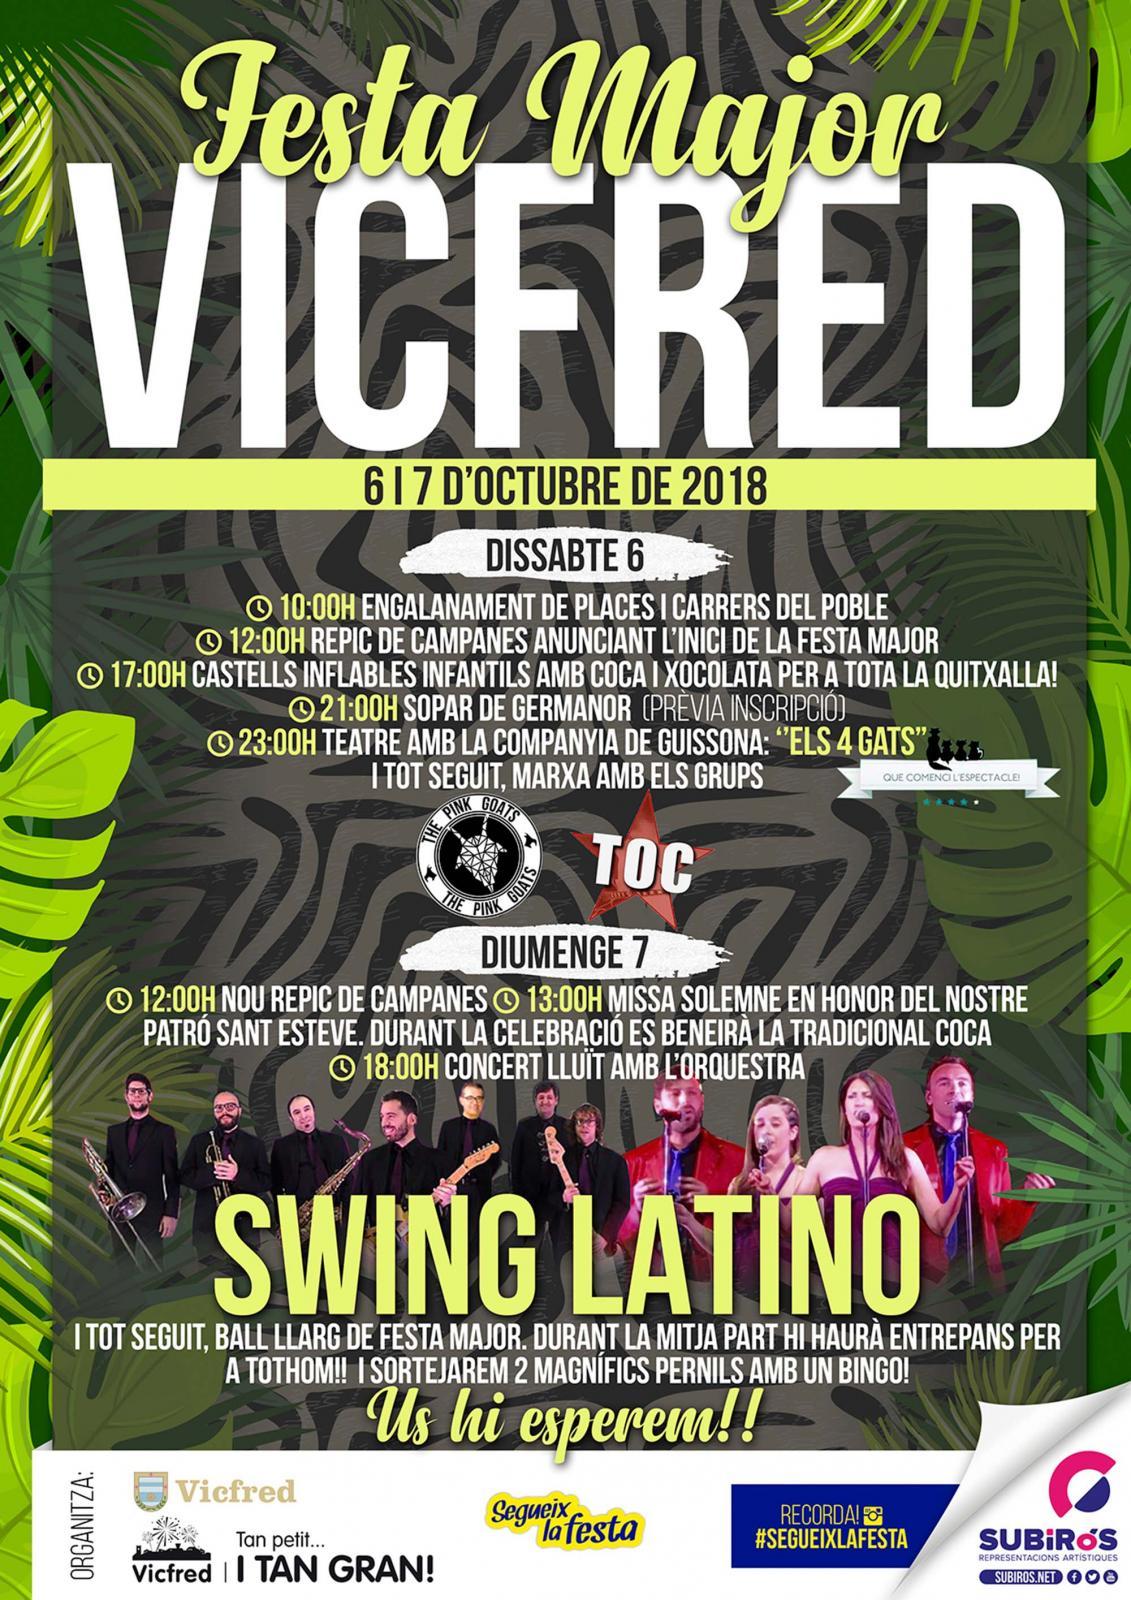 Festa Major de Vicfred 2018